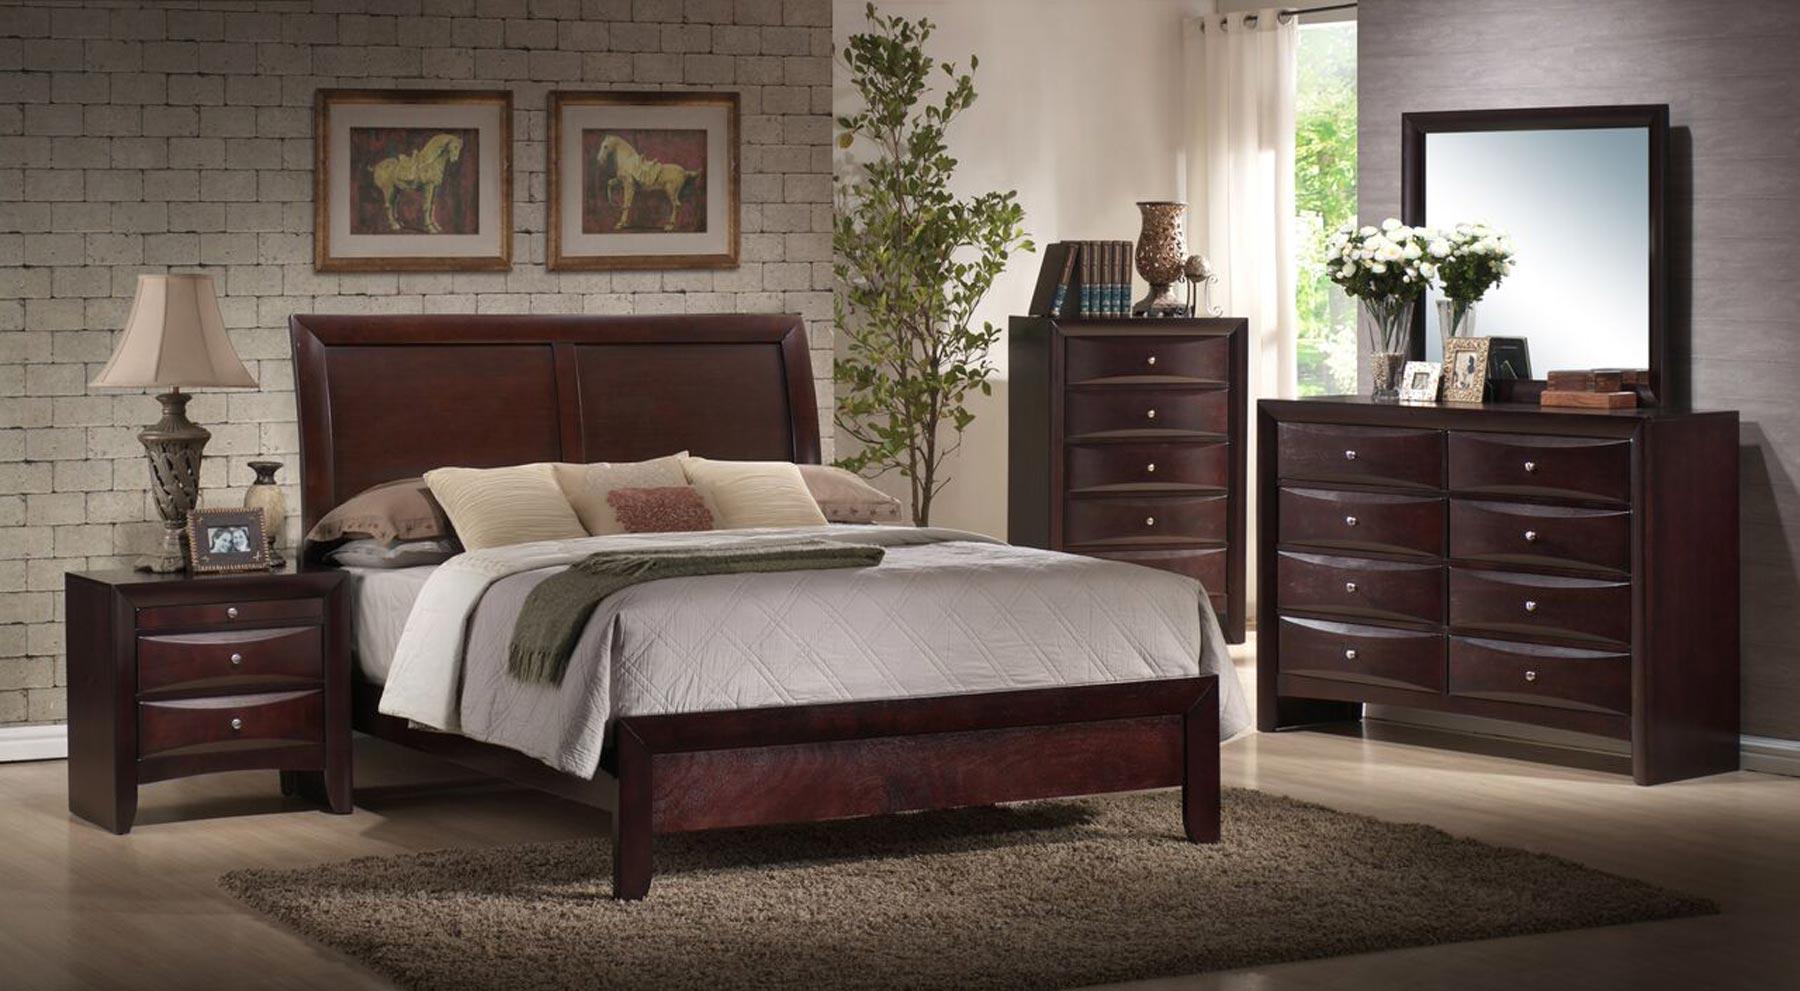 Emily 6 Piece Bedroom Set | Gonzalez Furniture